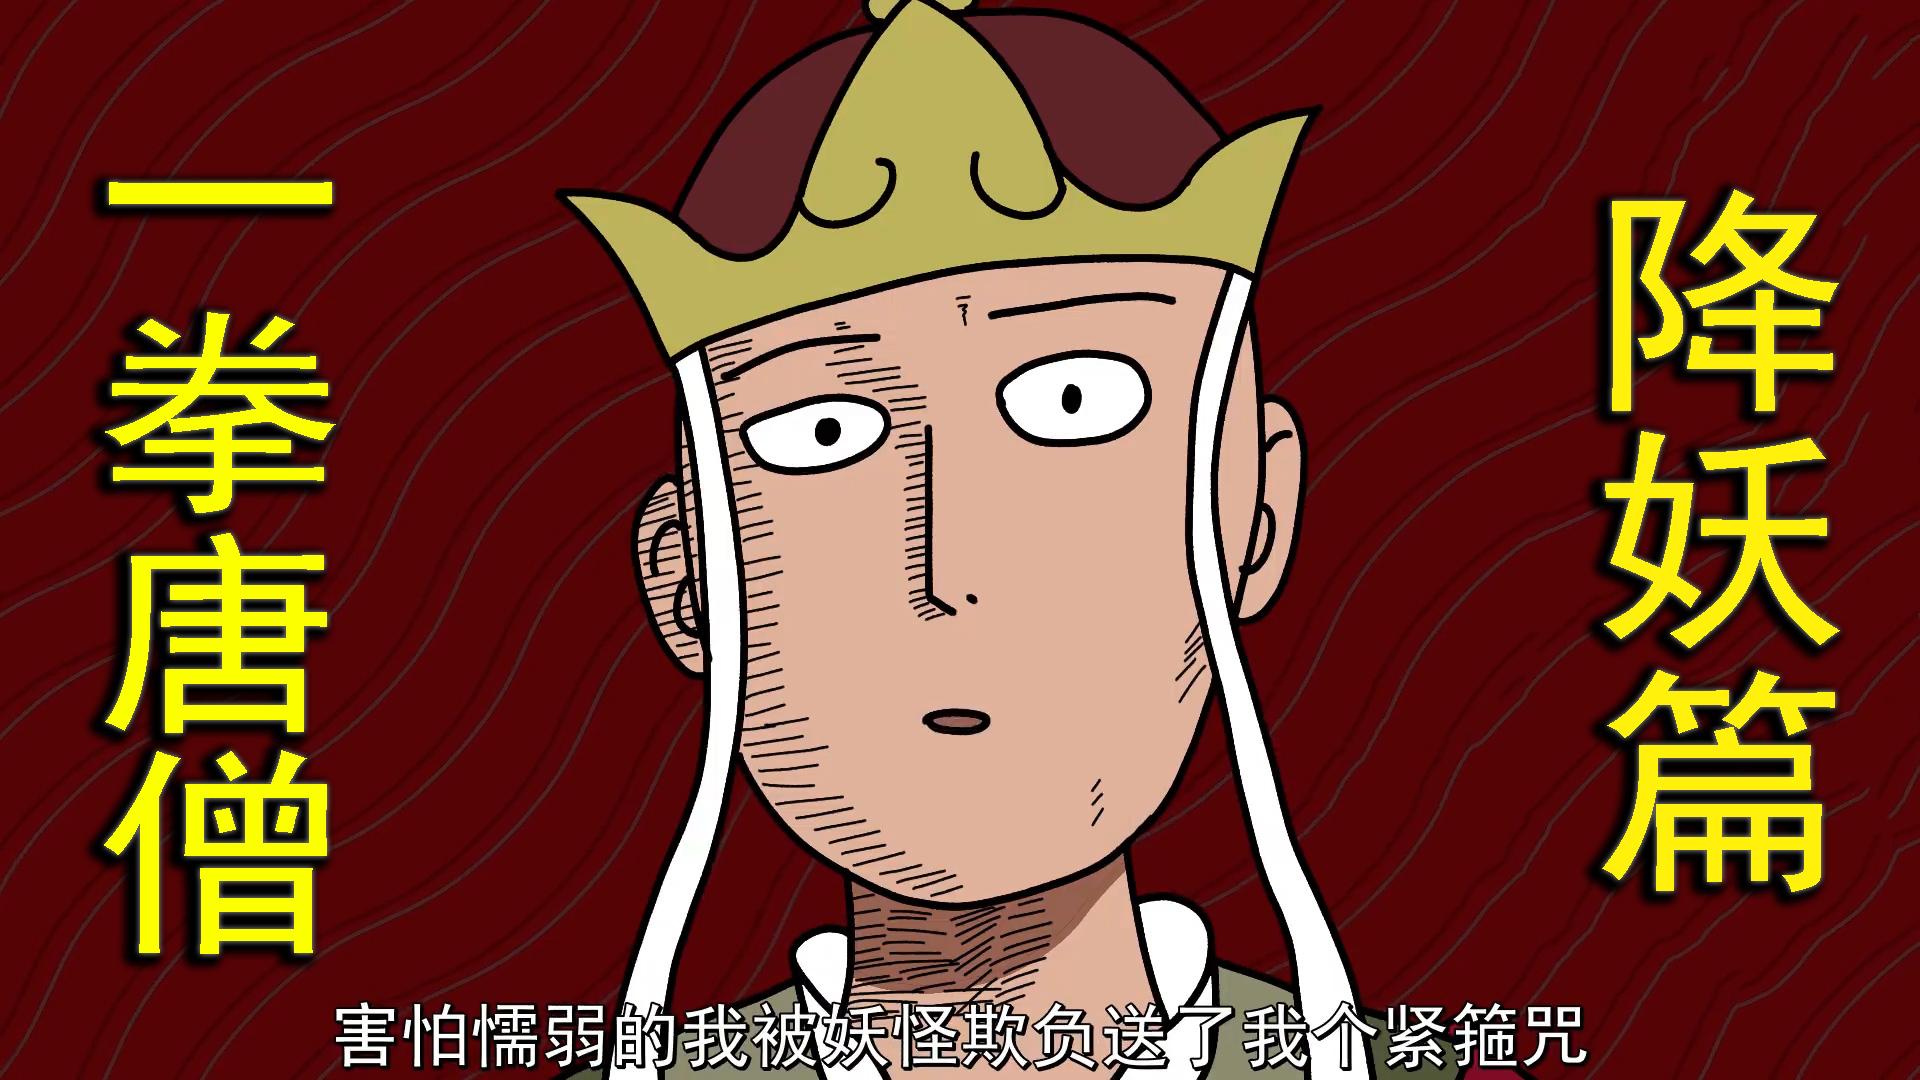 【沙雕动画】最强唐僧之一拳唐僧:降妖总结篇!